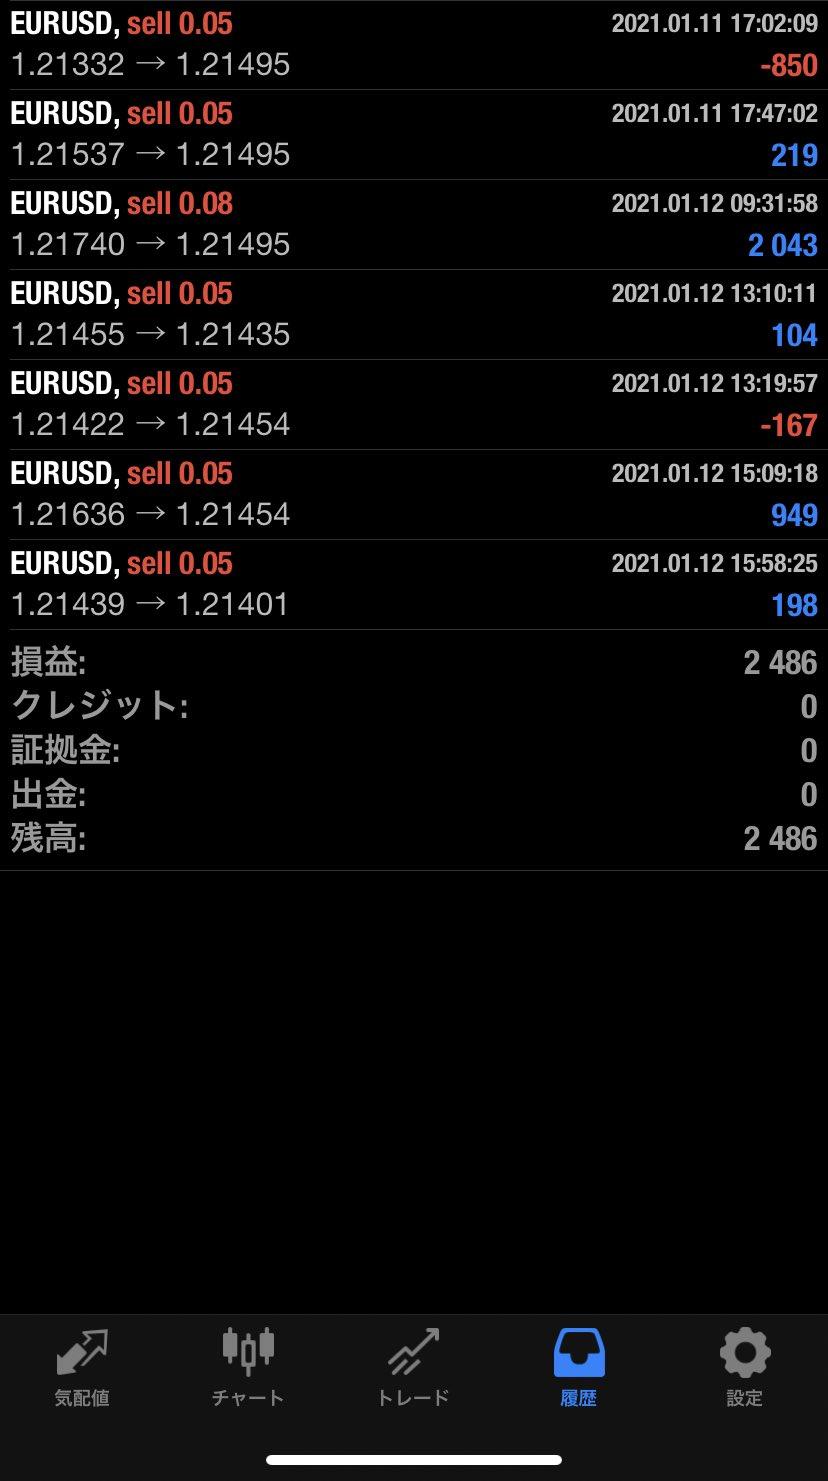 2021年1月12日 EUR/USDバージョン2,486円